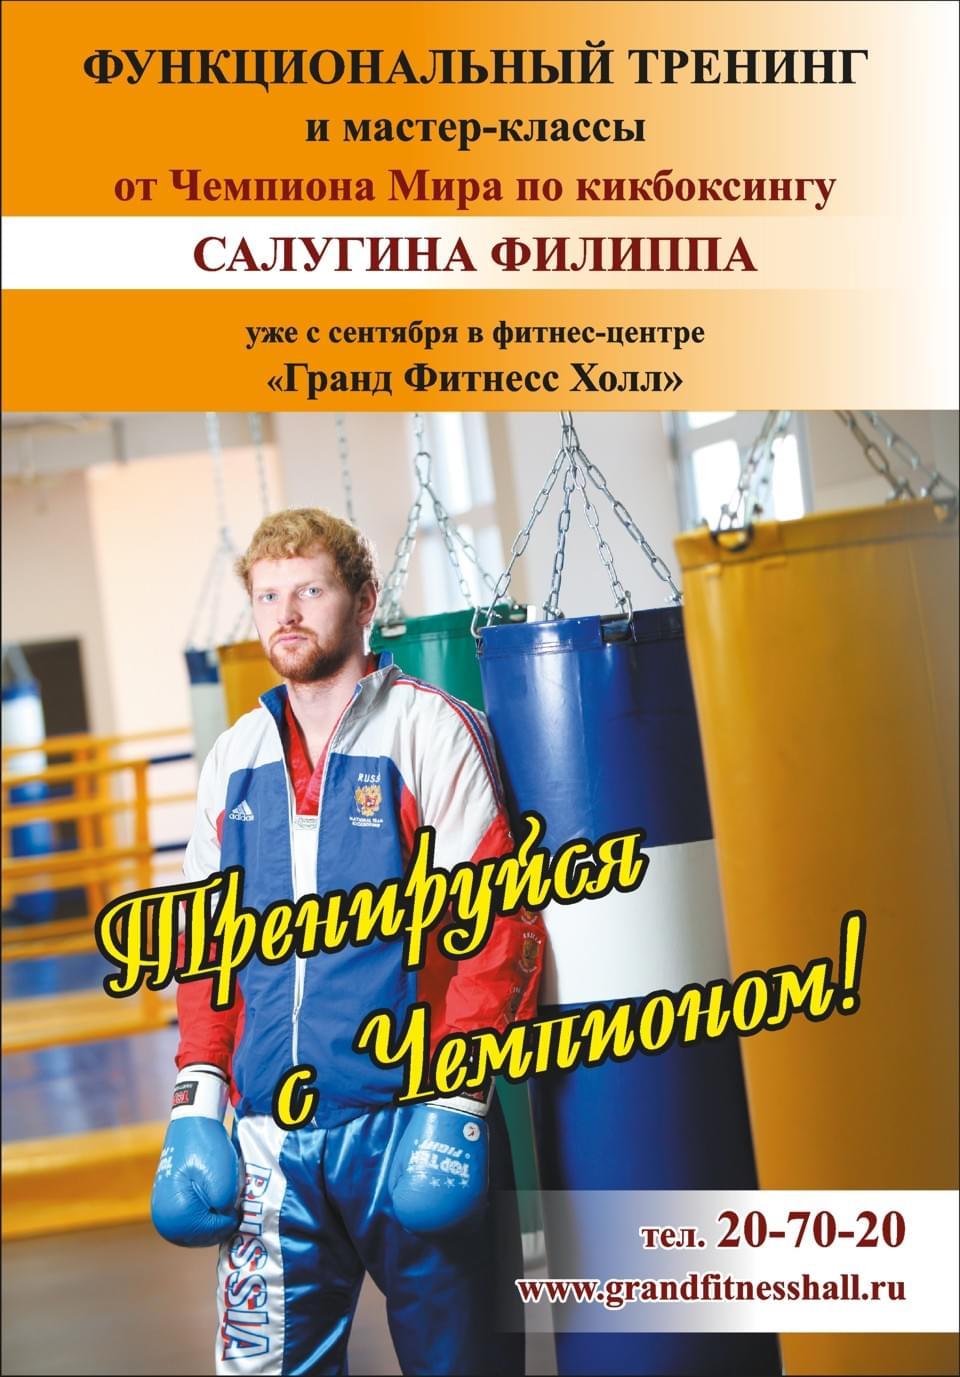 А4_3 шт._чемпион по кикбоксинку2